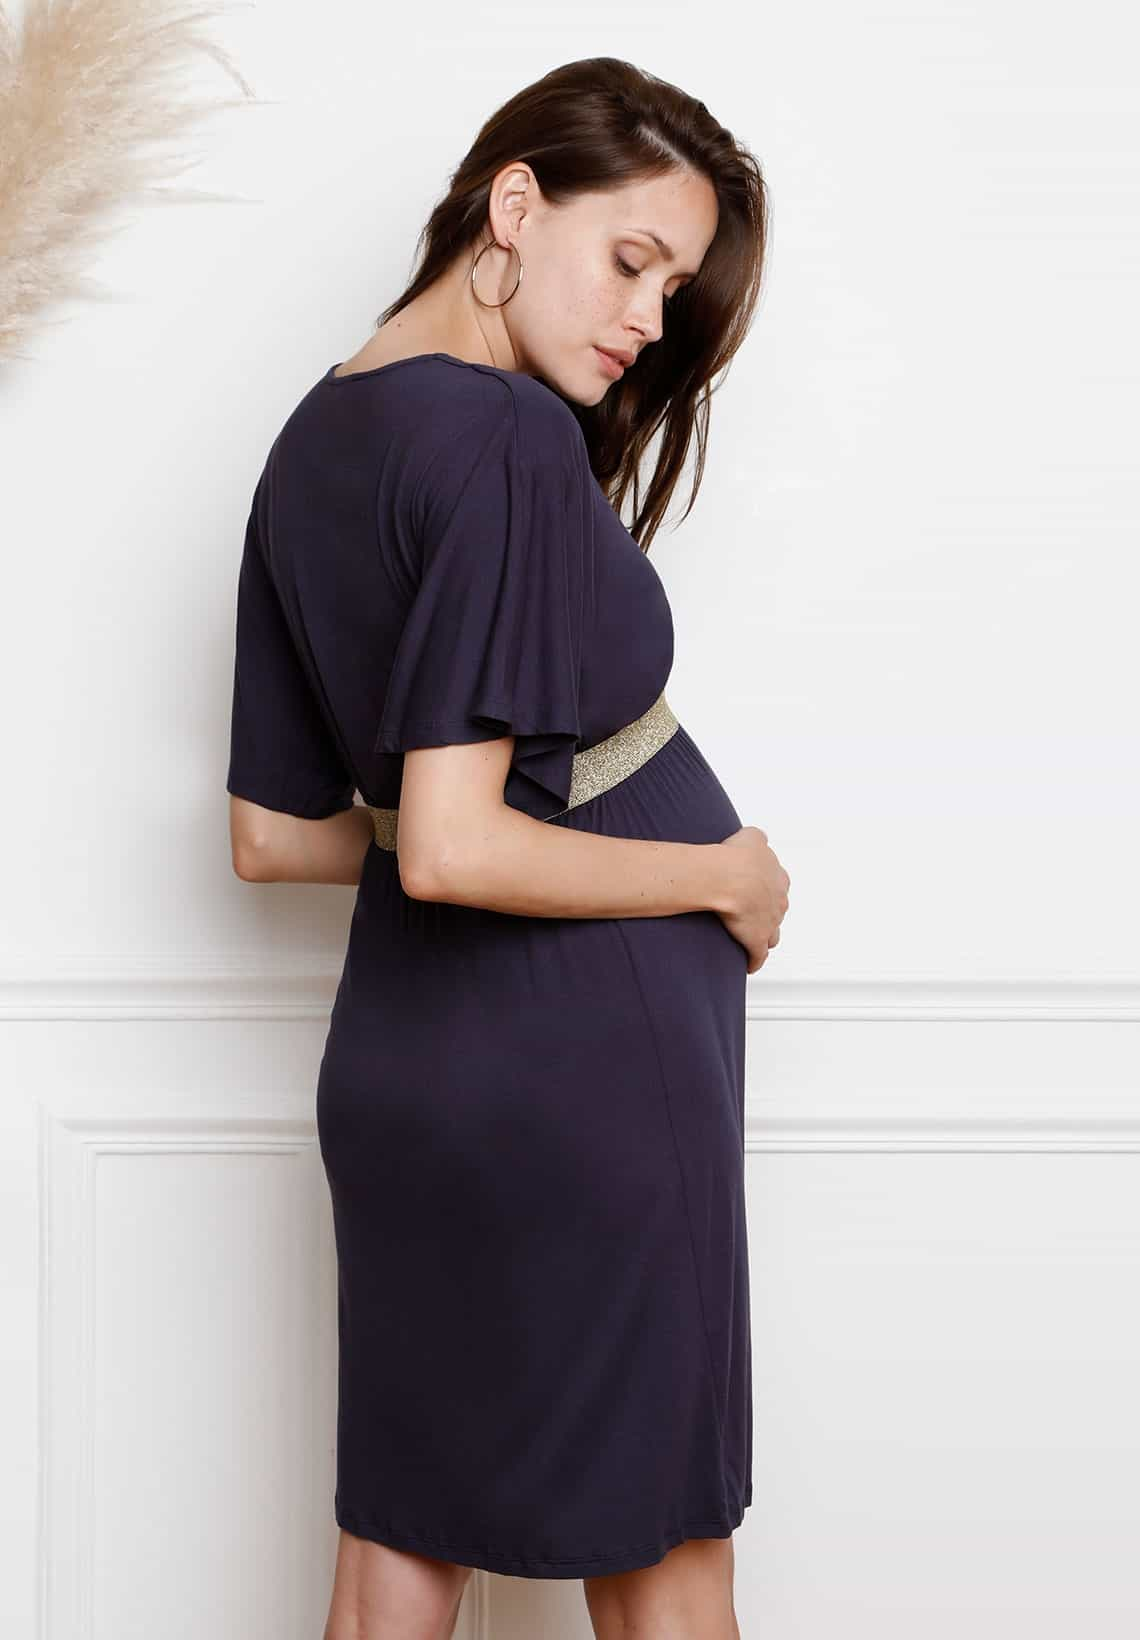 فستان قصير للحوامل